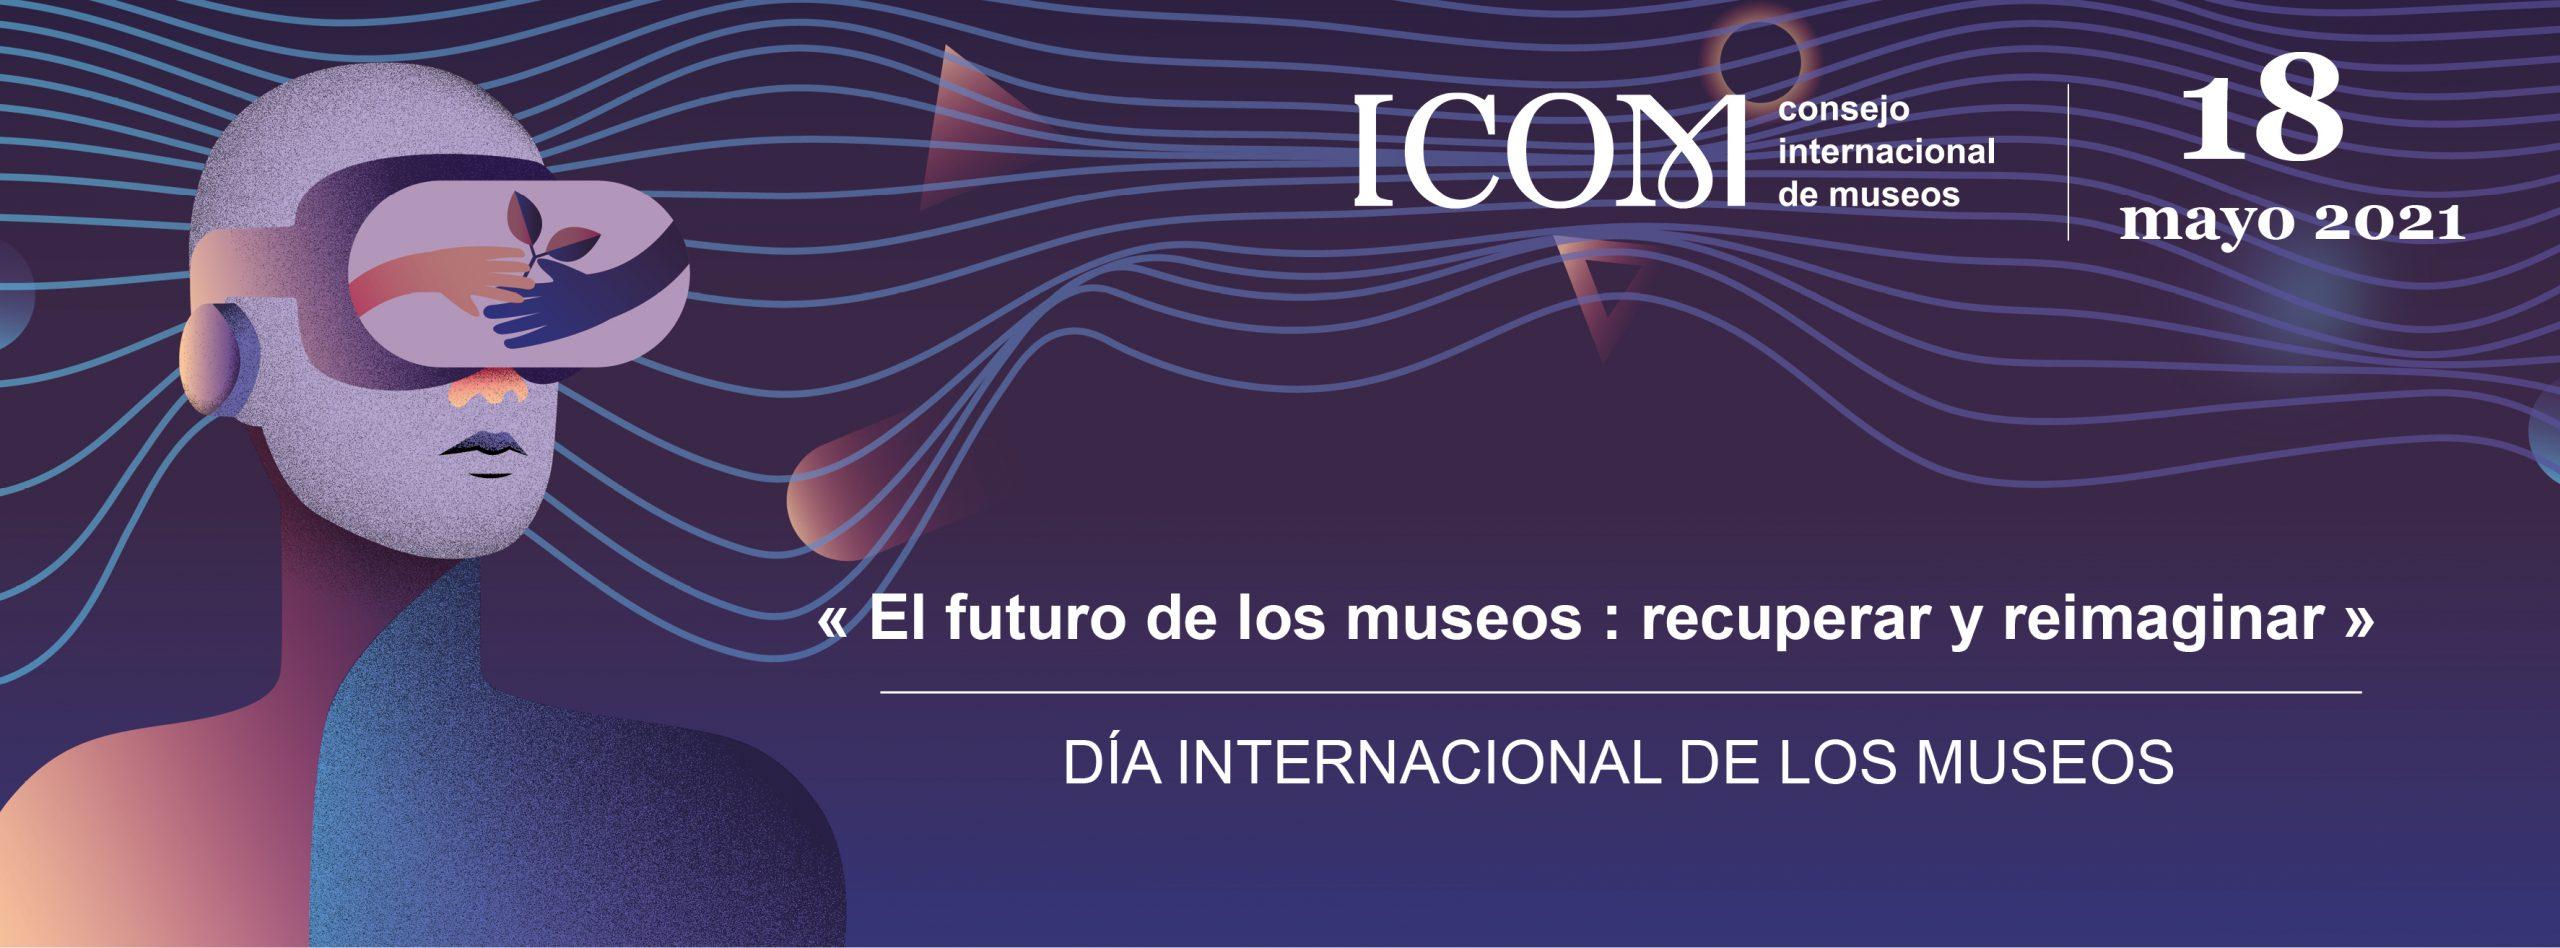 La Diputación de Alicante reanuda las actividades presenciales para celebrar el Día Internacional de los Museos